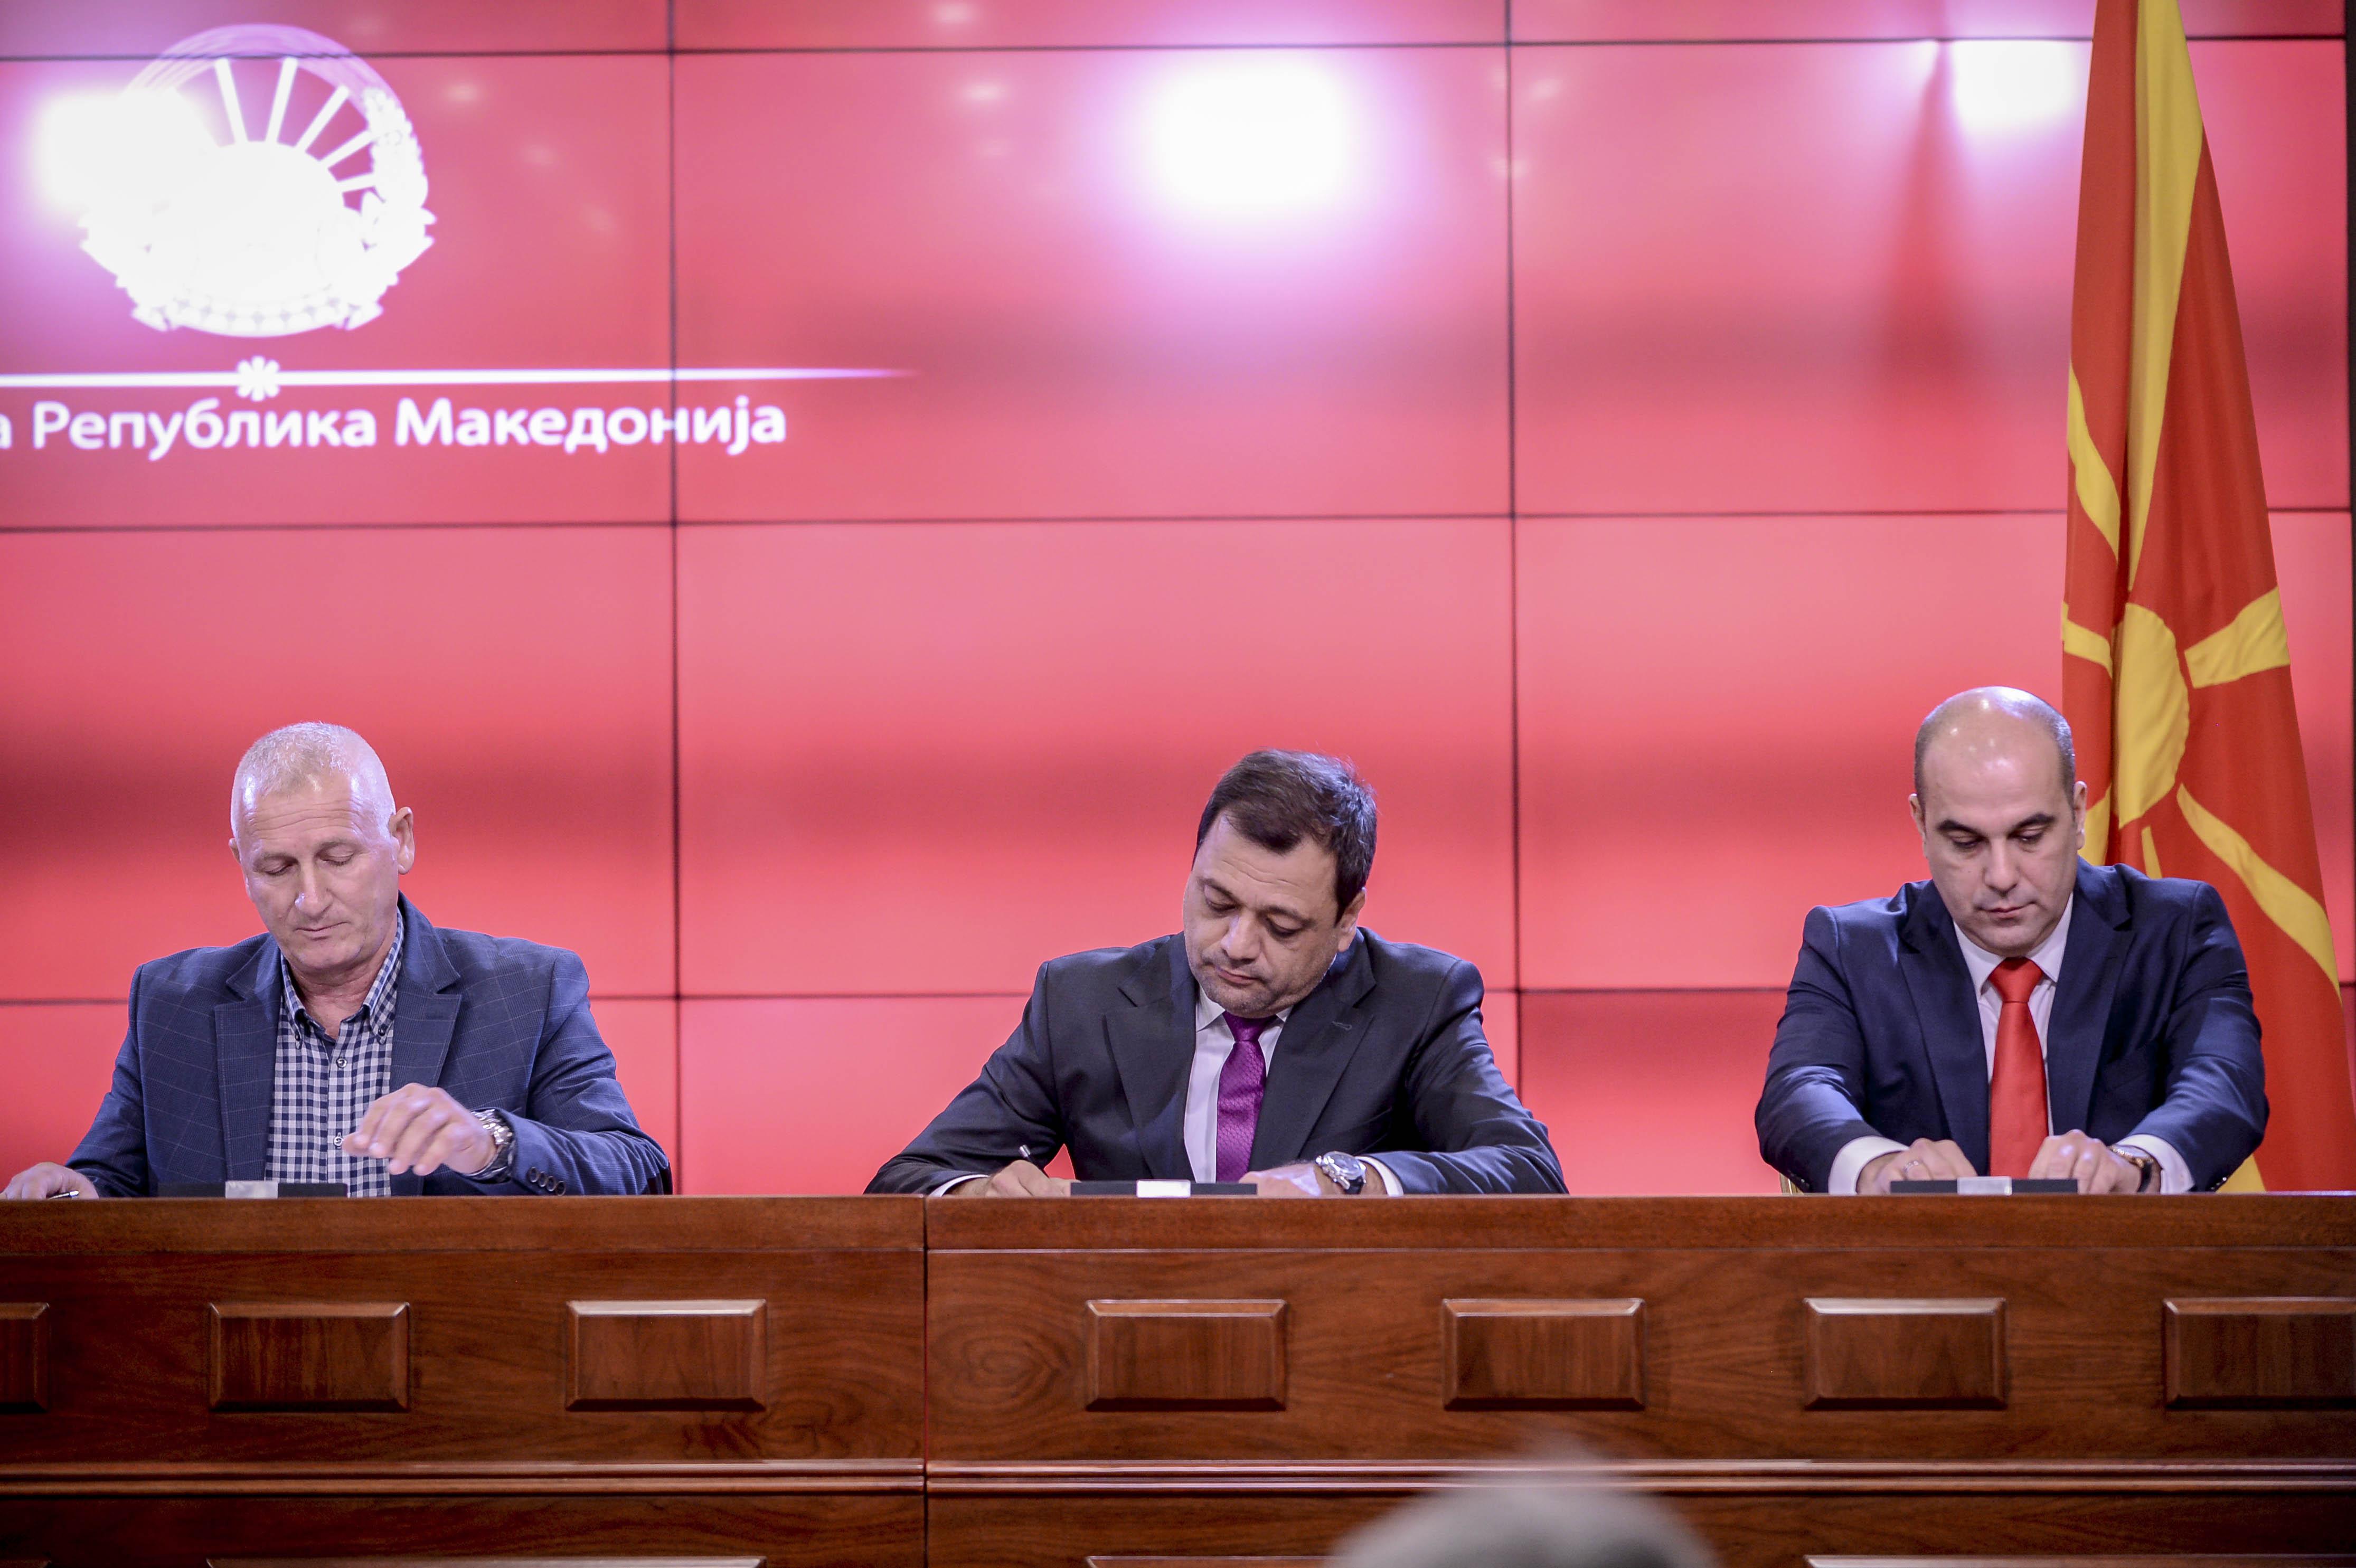 Владата и  Југохром  се договорија за рестартирање на комбинатот